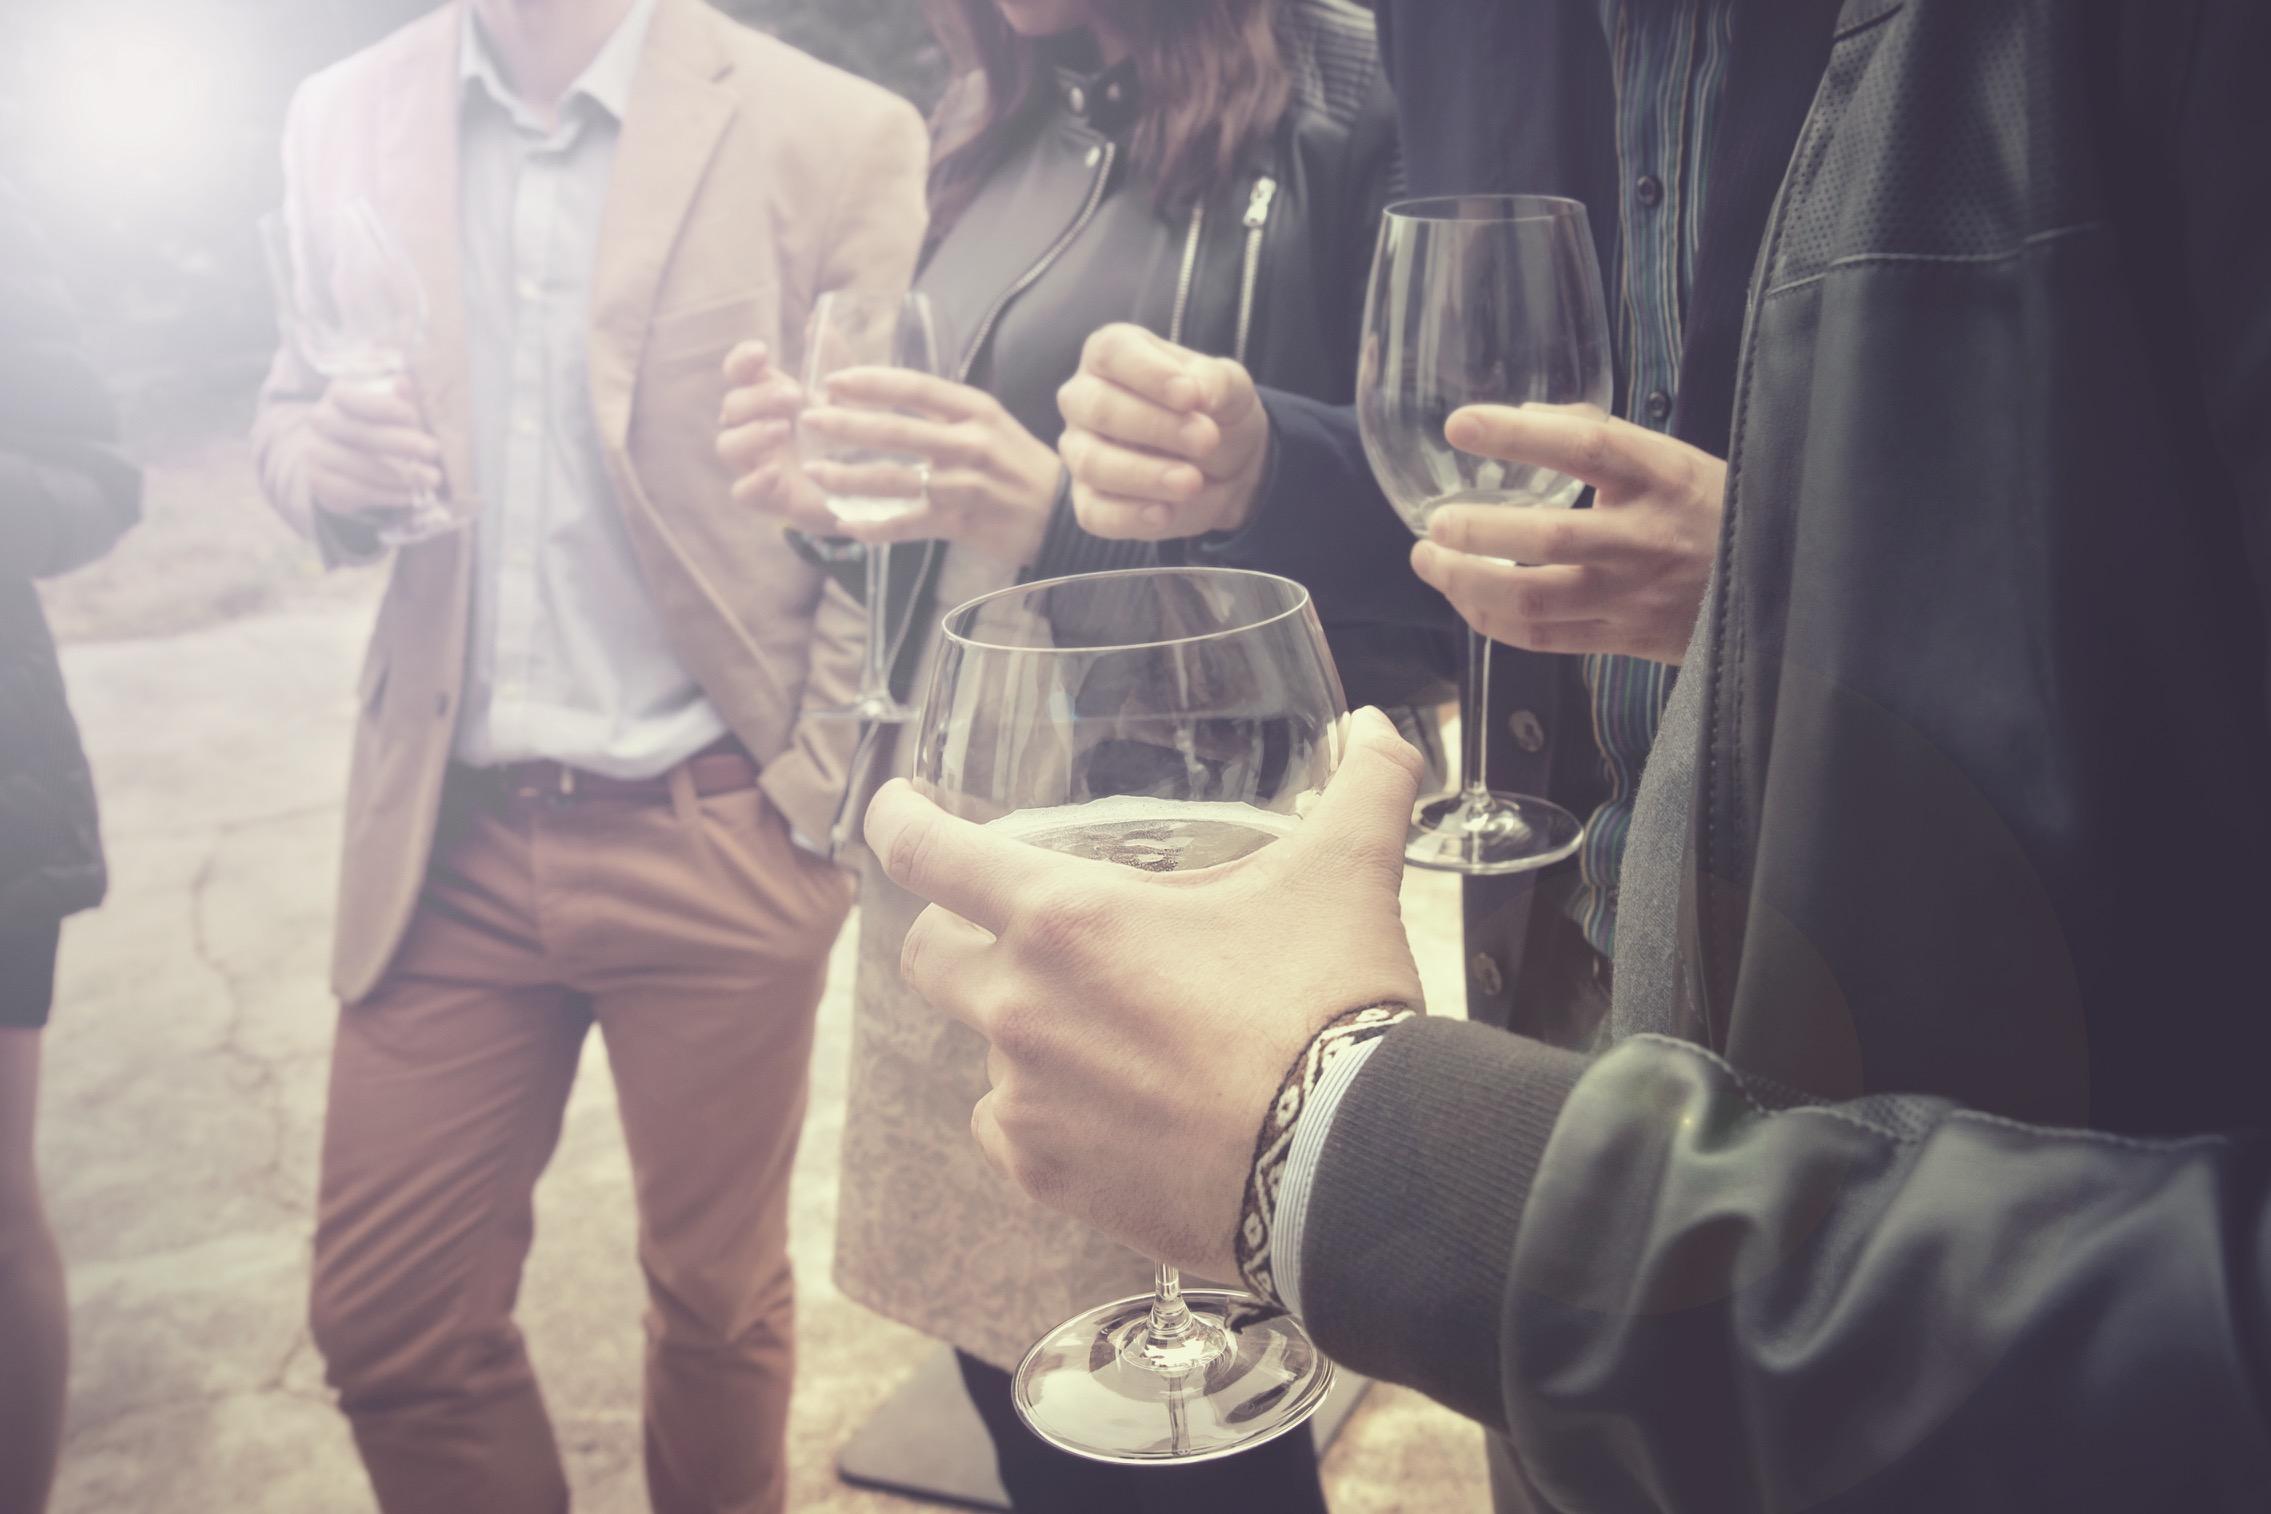 知っておくと一人前!ワインパーティーでかっこよく振舞えるマナー